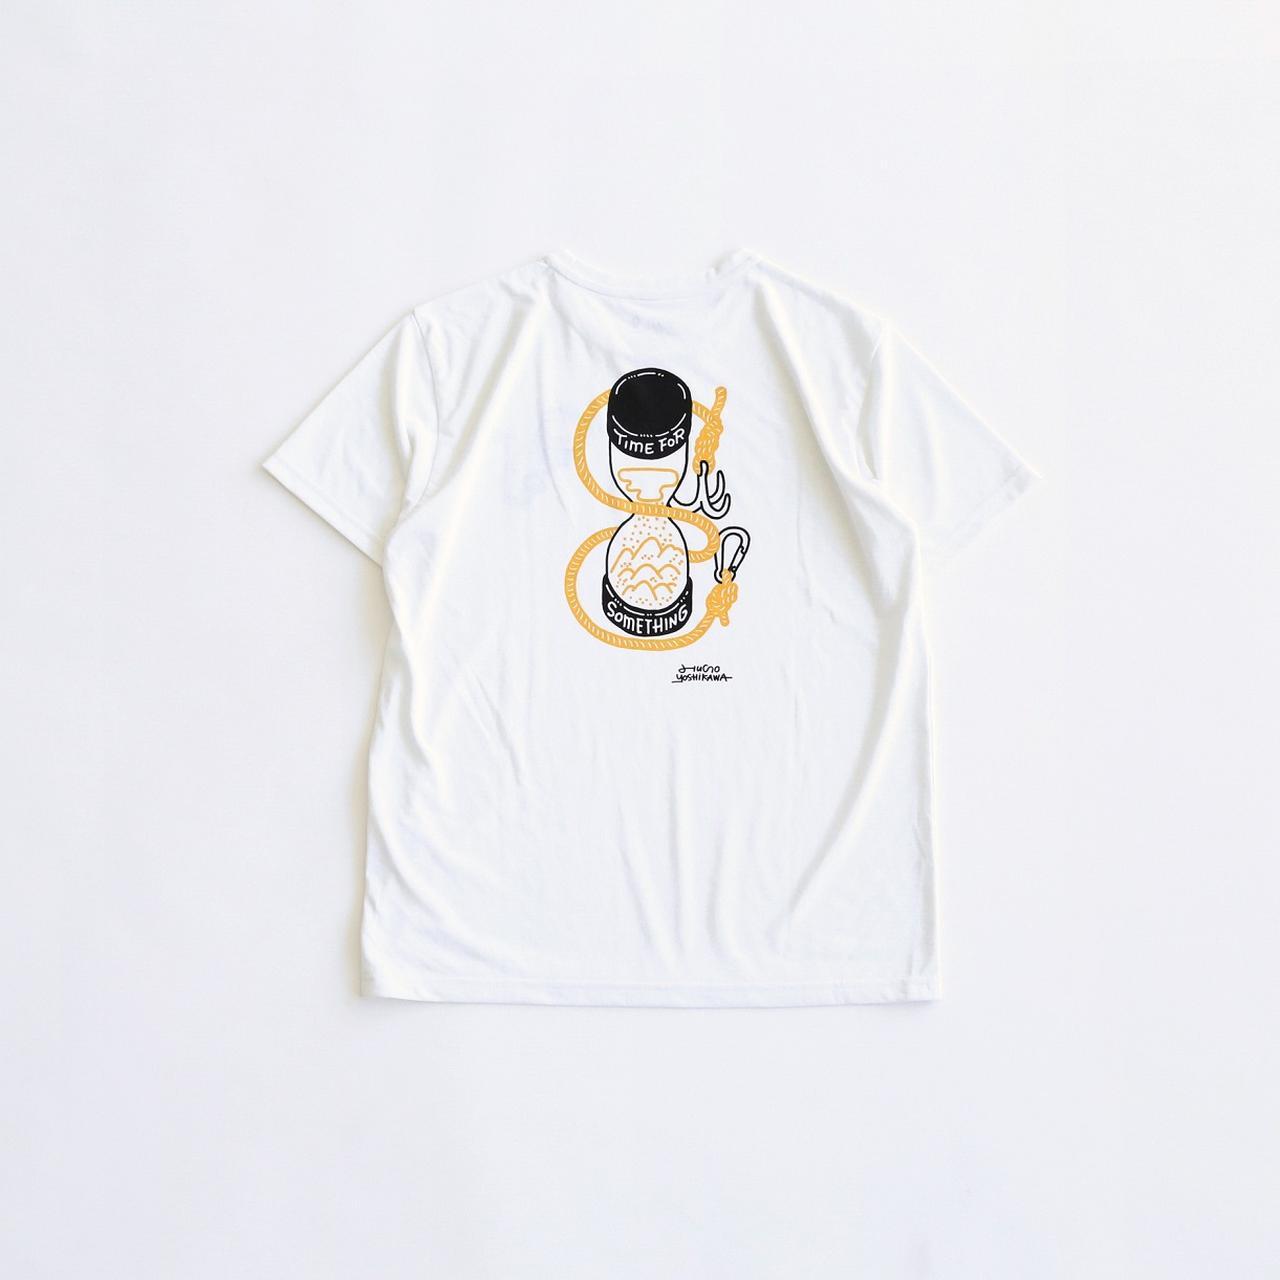 画像6: 5,900円/サイズ M、 L/カラー ホワイト